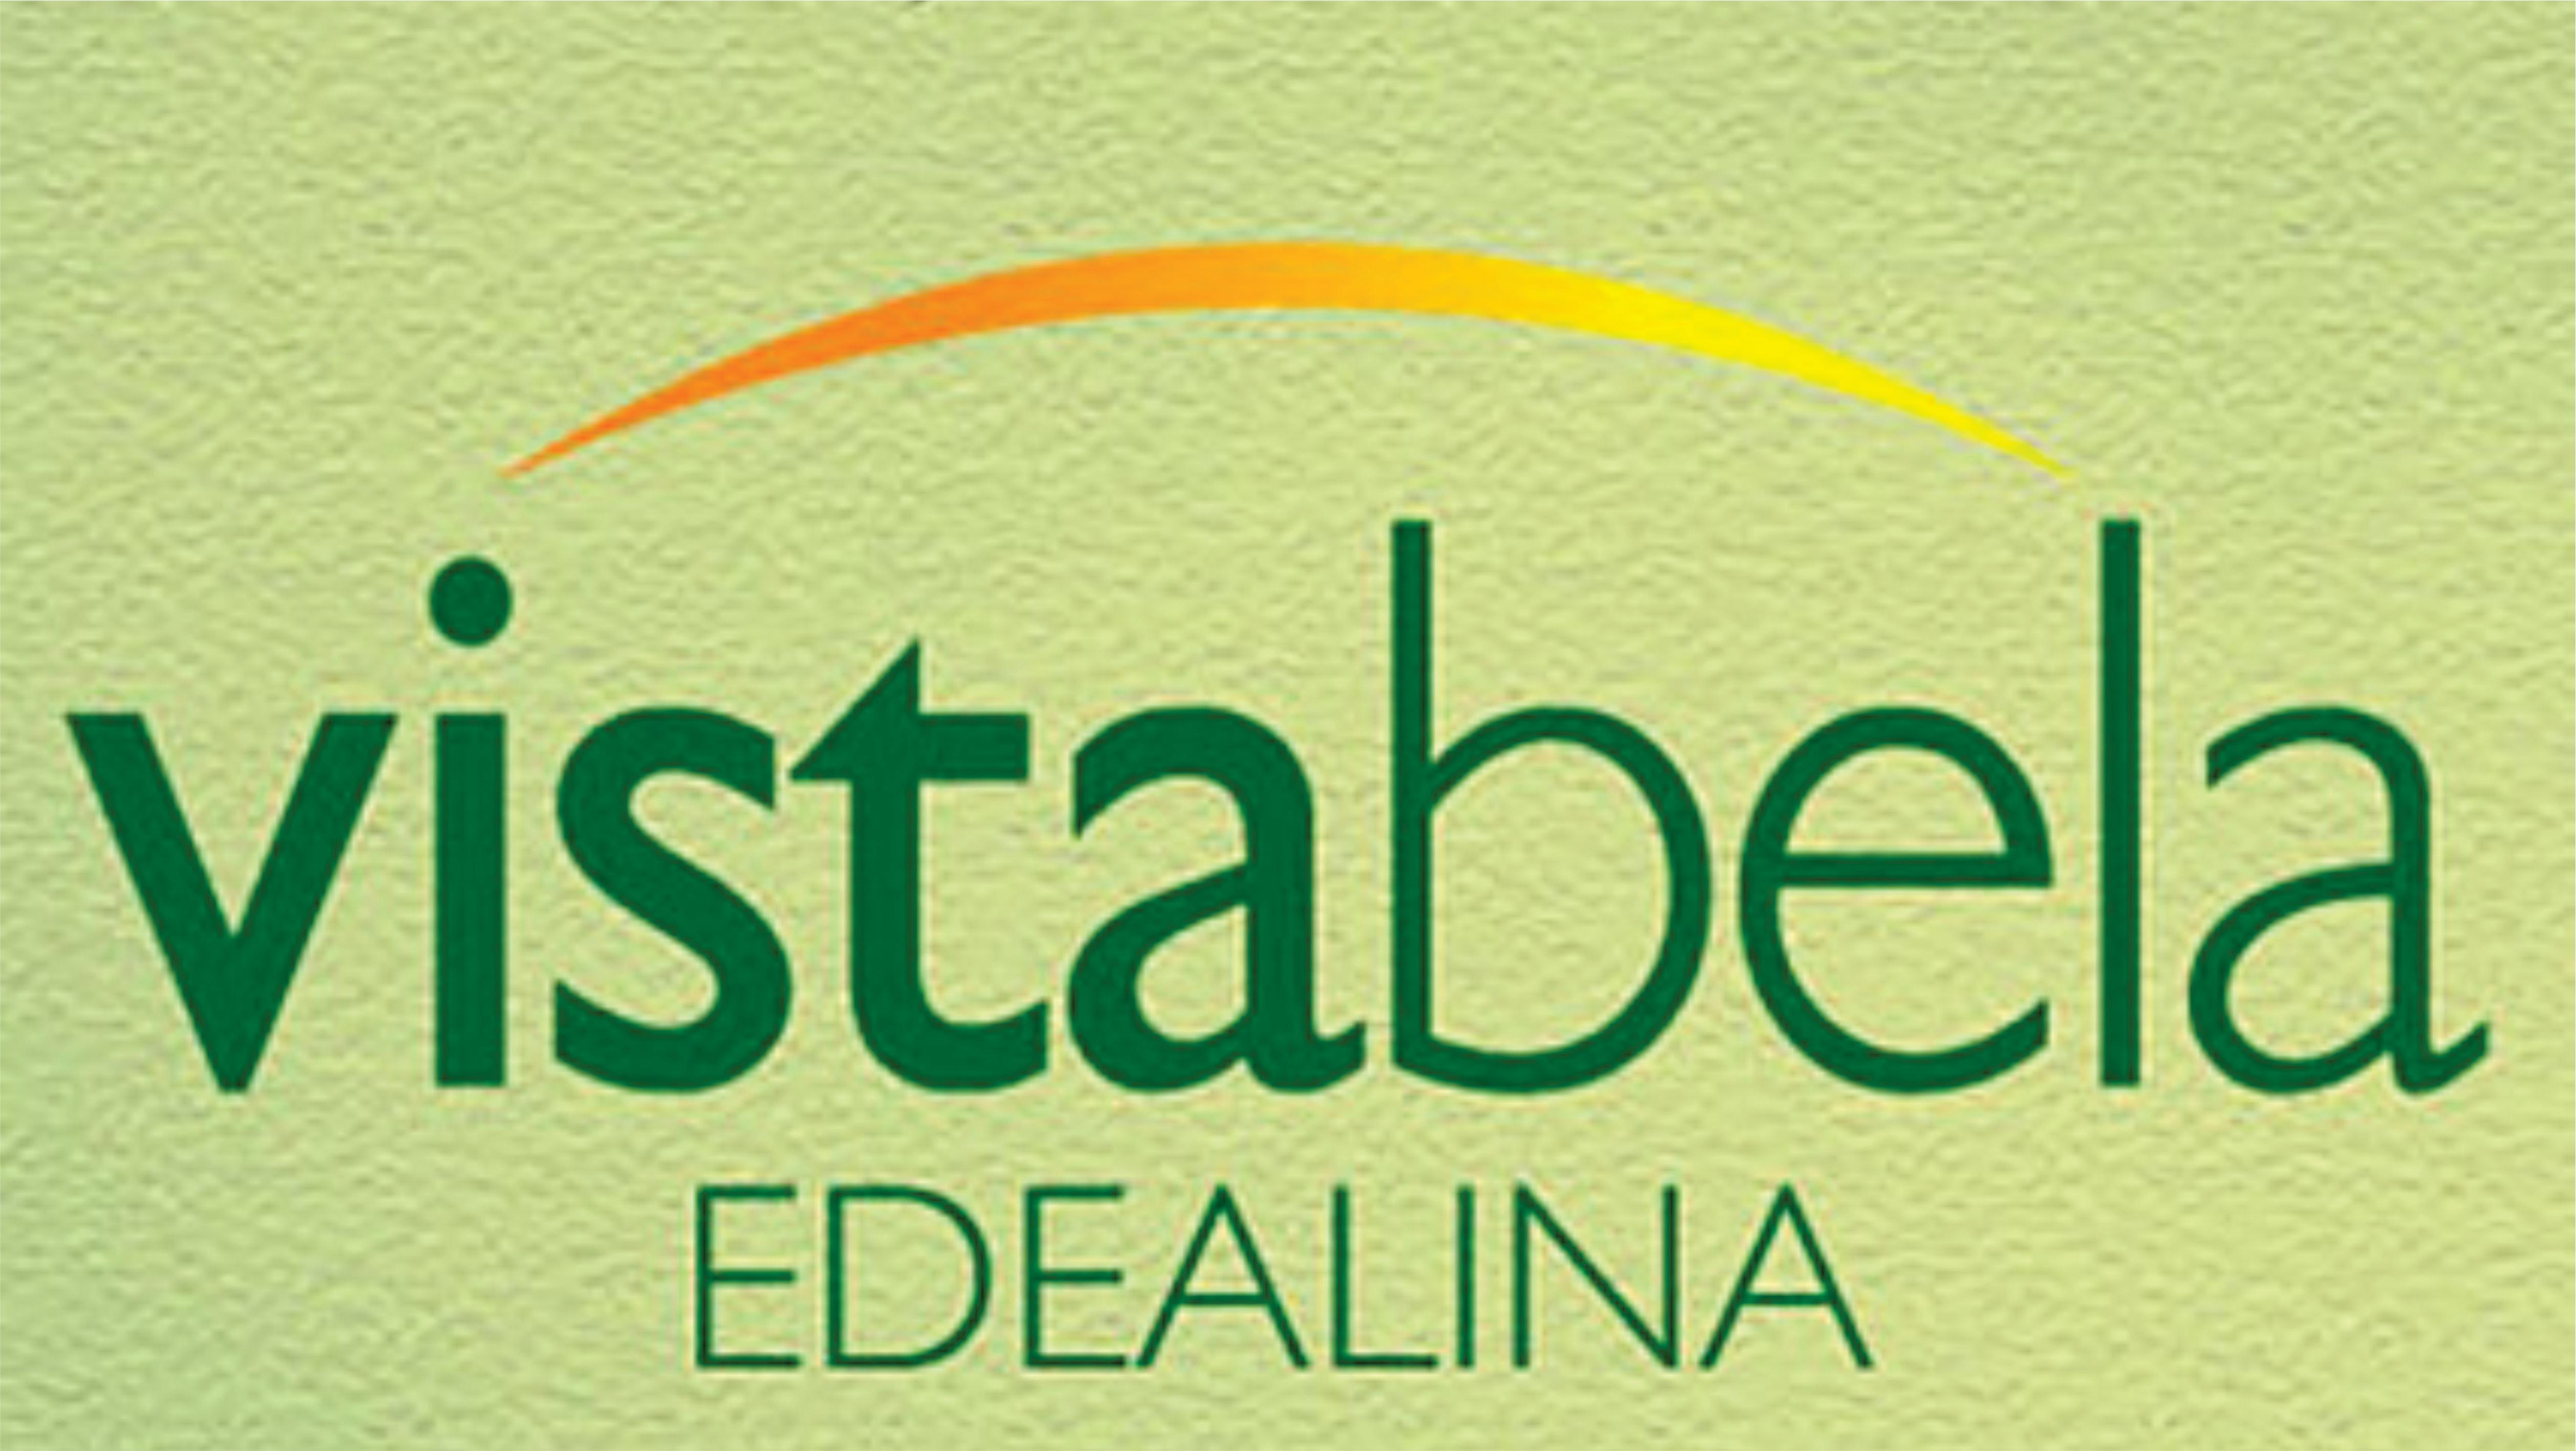 Residencial Vistabela - Edealina